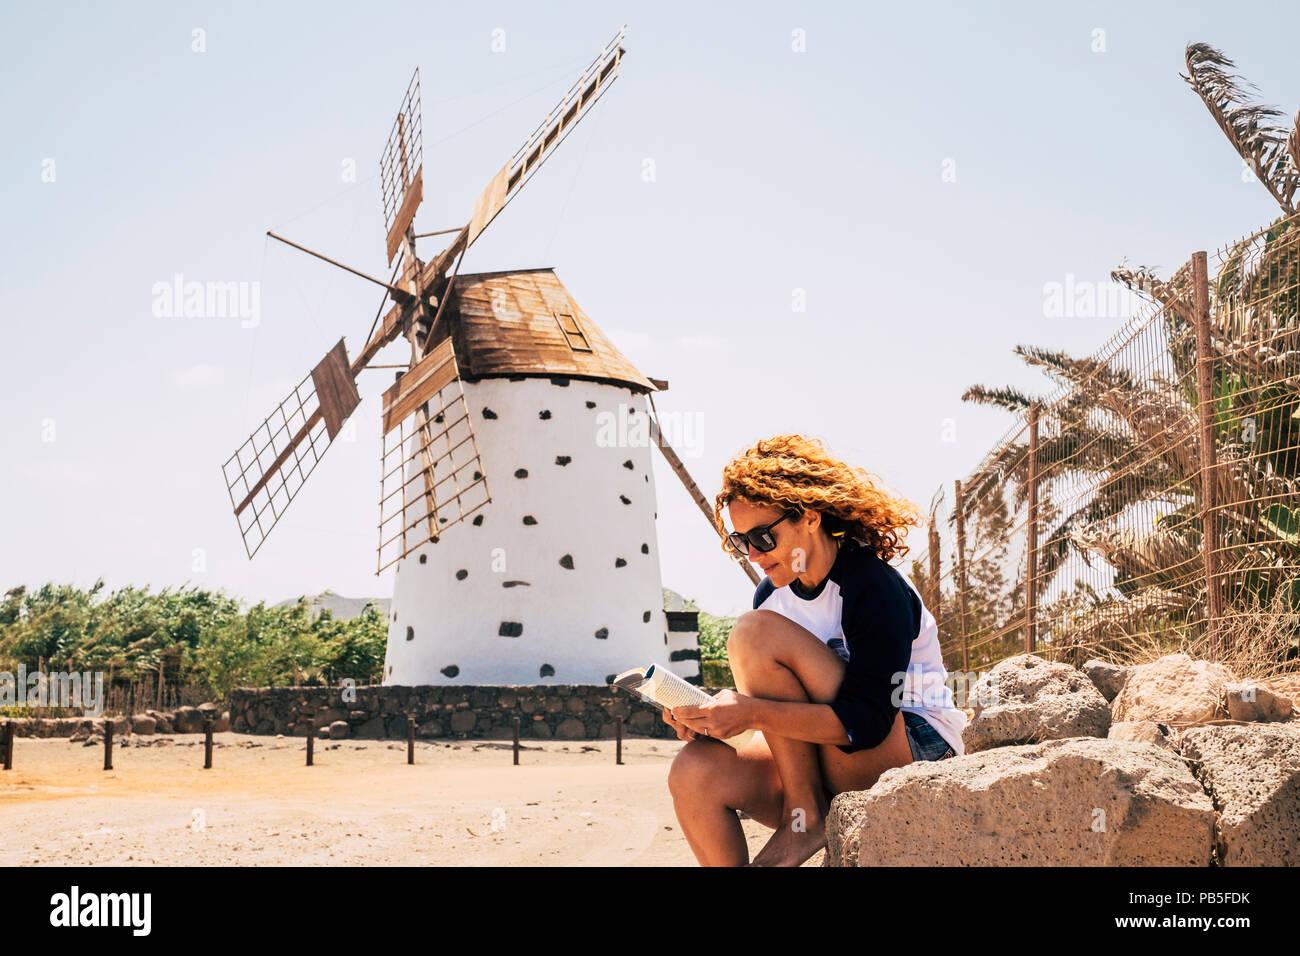 Schöne schöne fröhliche Frau mit blond gelocktem Haar unter einer Mühle im malerischen Ort mit einem Buch sitzen und genießen die Freizeitaktivität. Stockbild